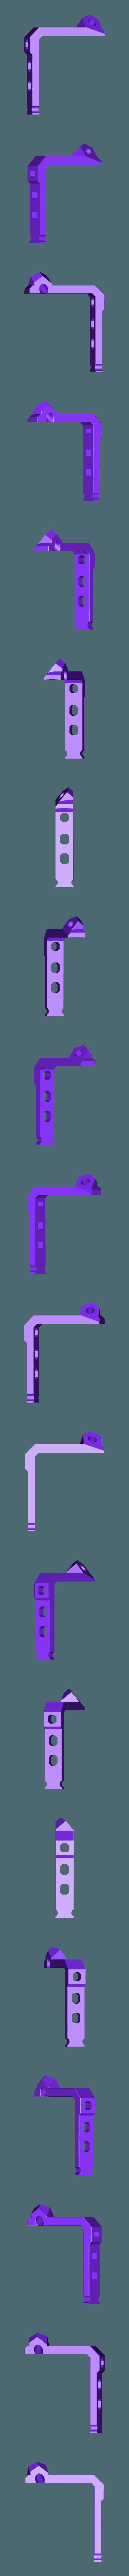 bowden_arm.stl Télécharger fichier STL gratuit SpoolWorks Echafaudage Support soluble Spool Carrier • Plan pour imprimante 3D, Greg_The_Maker